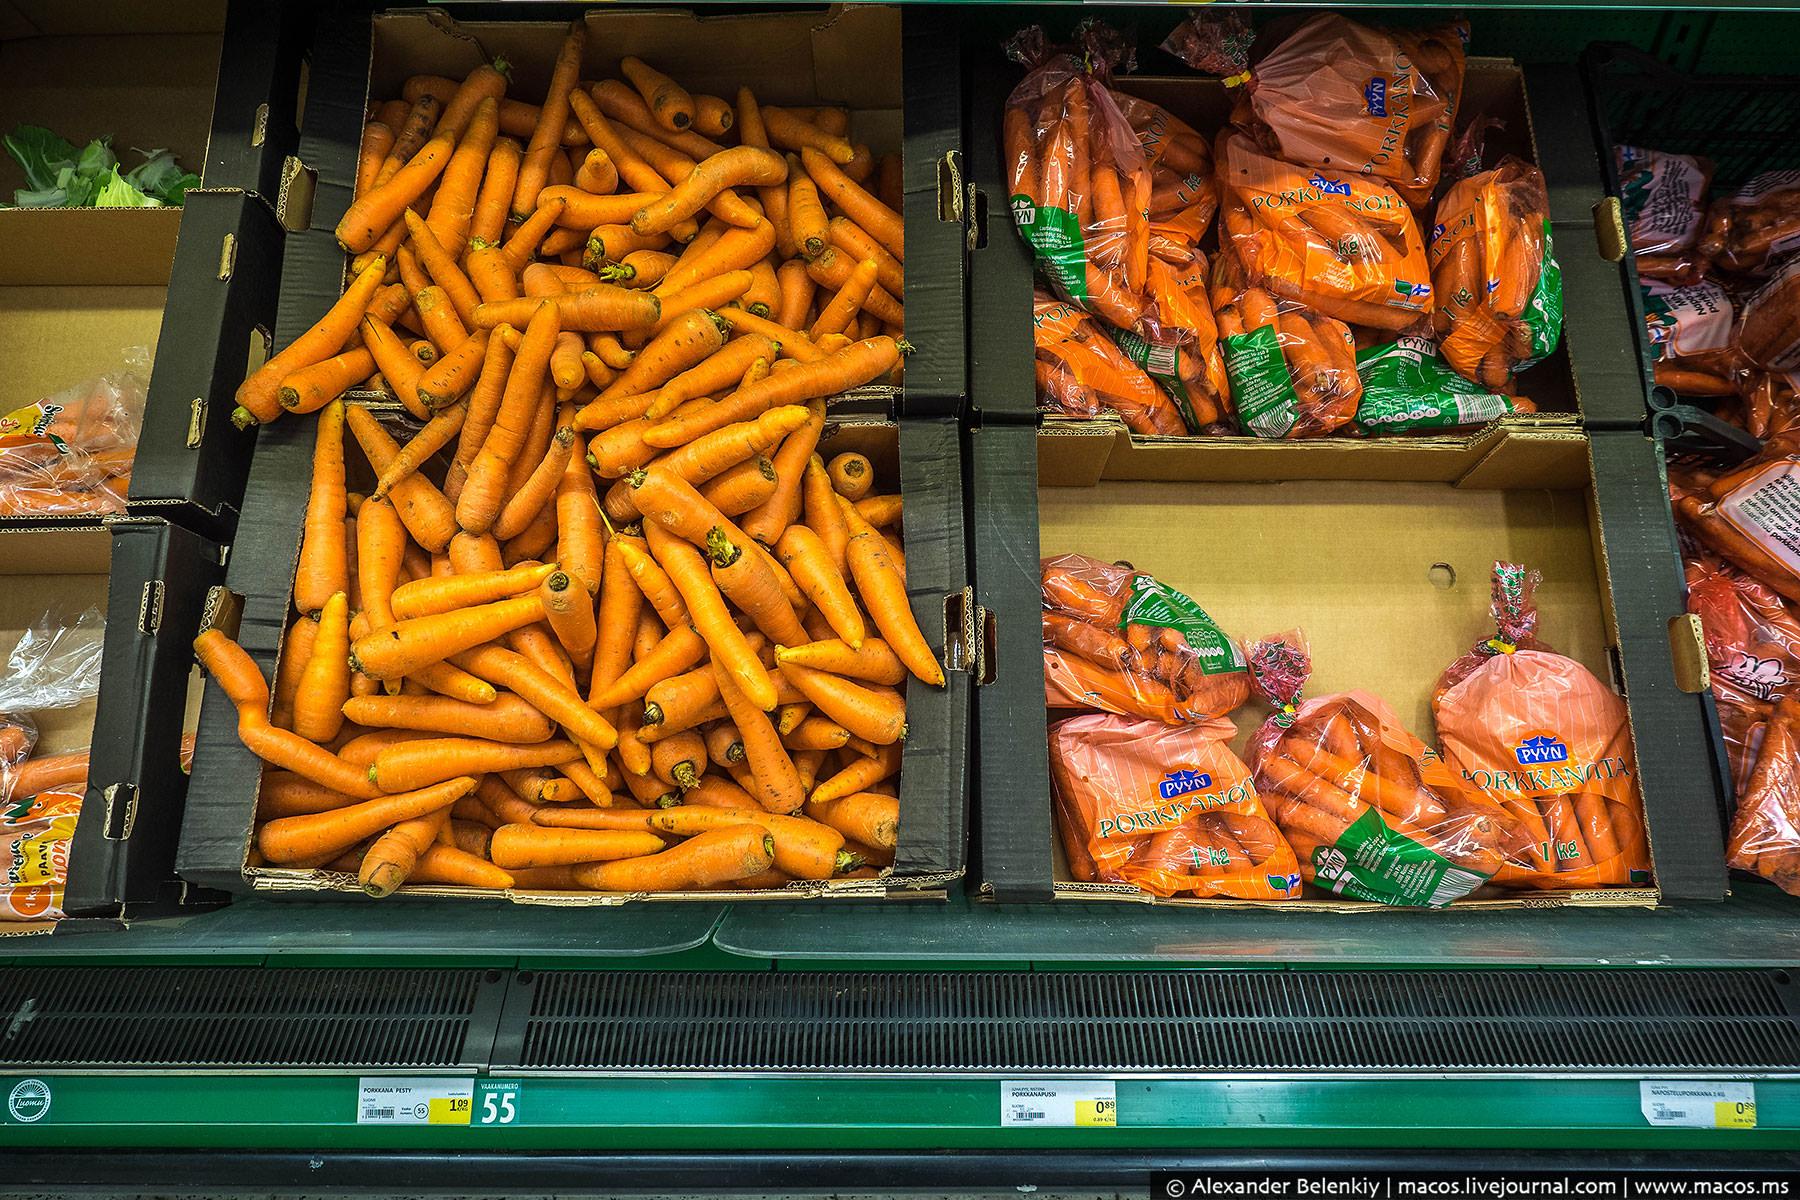 Морковка. Обратите внимание, ВСЯ — мытая. Кажется, только у нас считают, что можно подкидывать людям